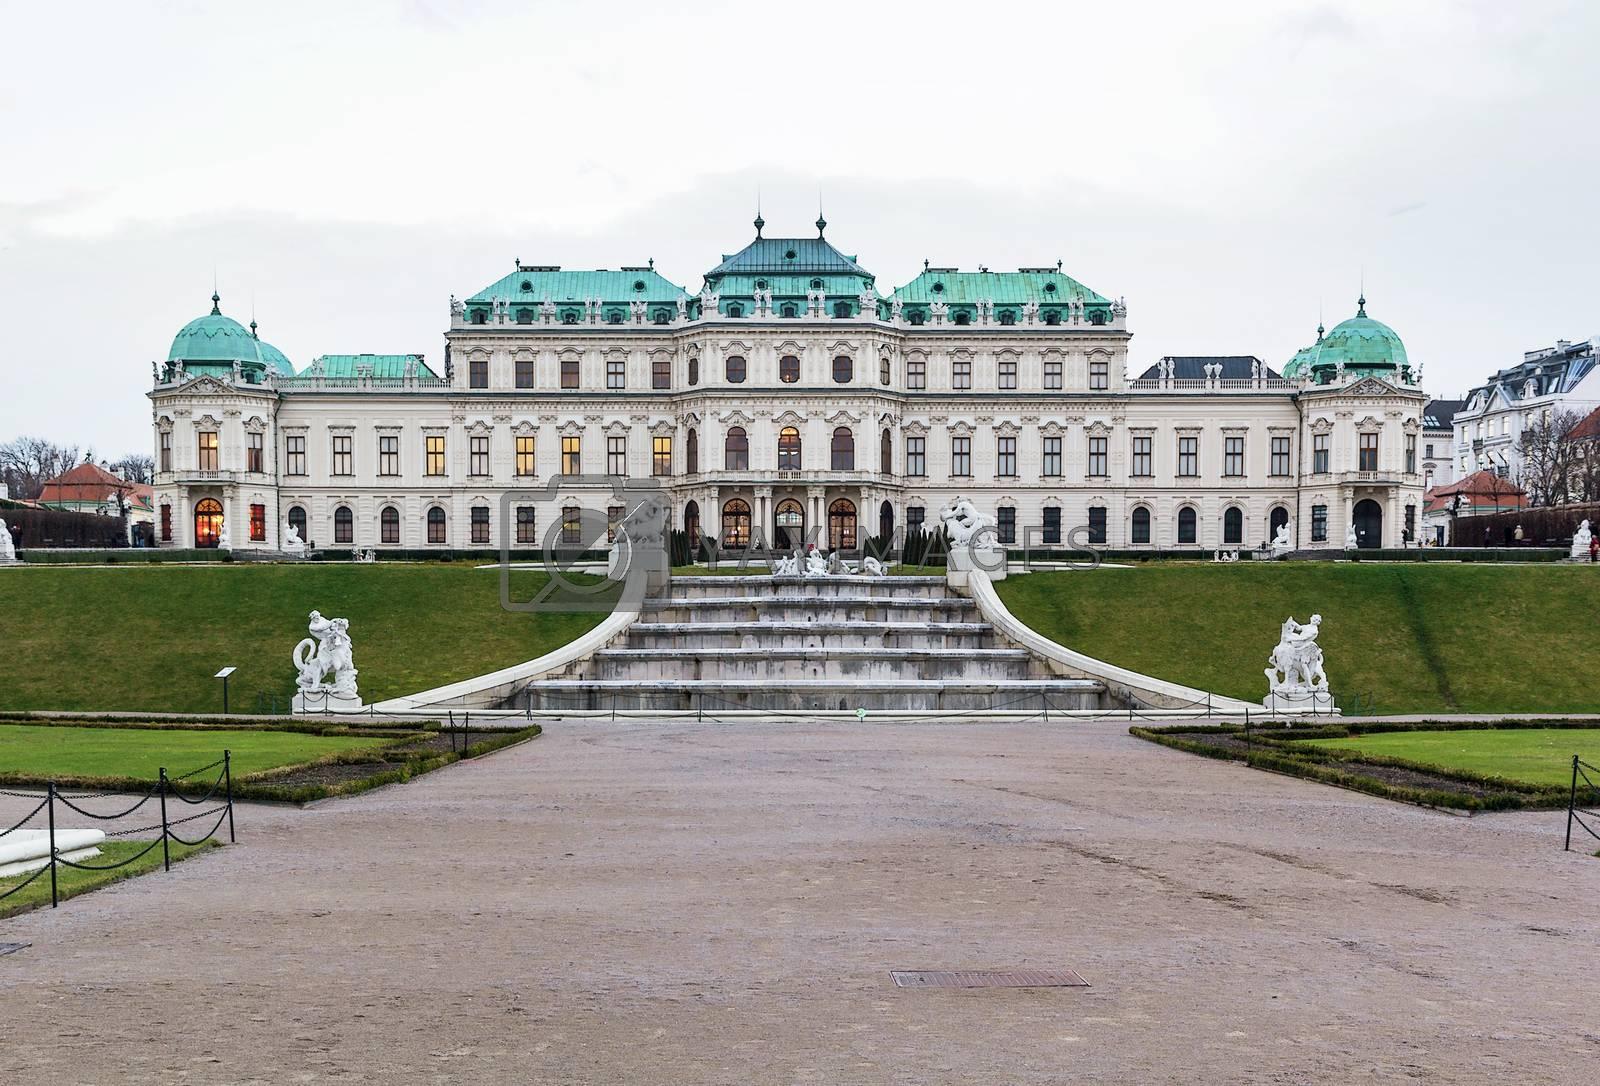 Upper Belvedere palace. Vienna by borisb17